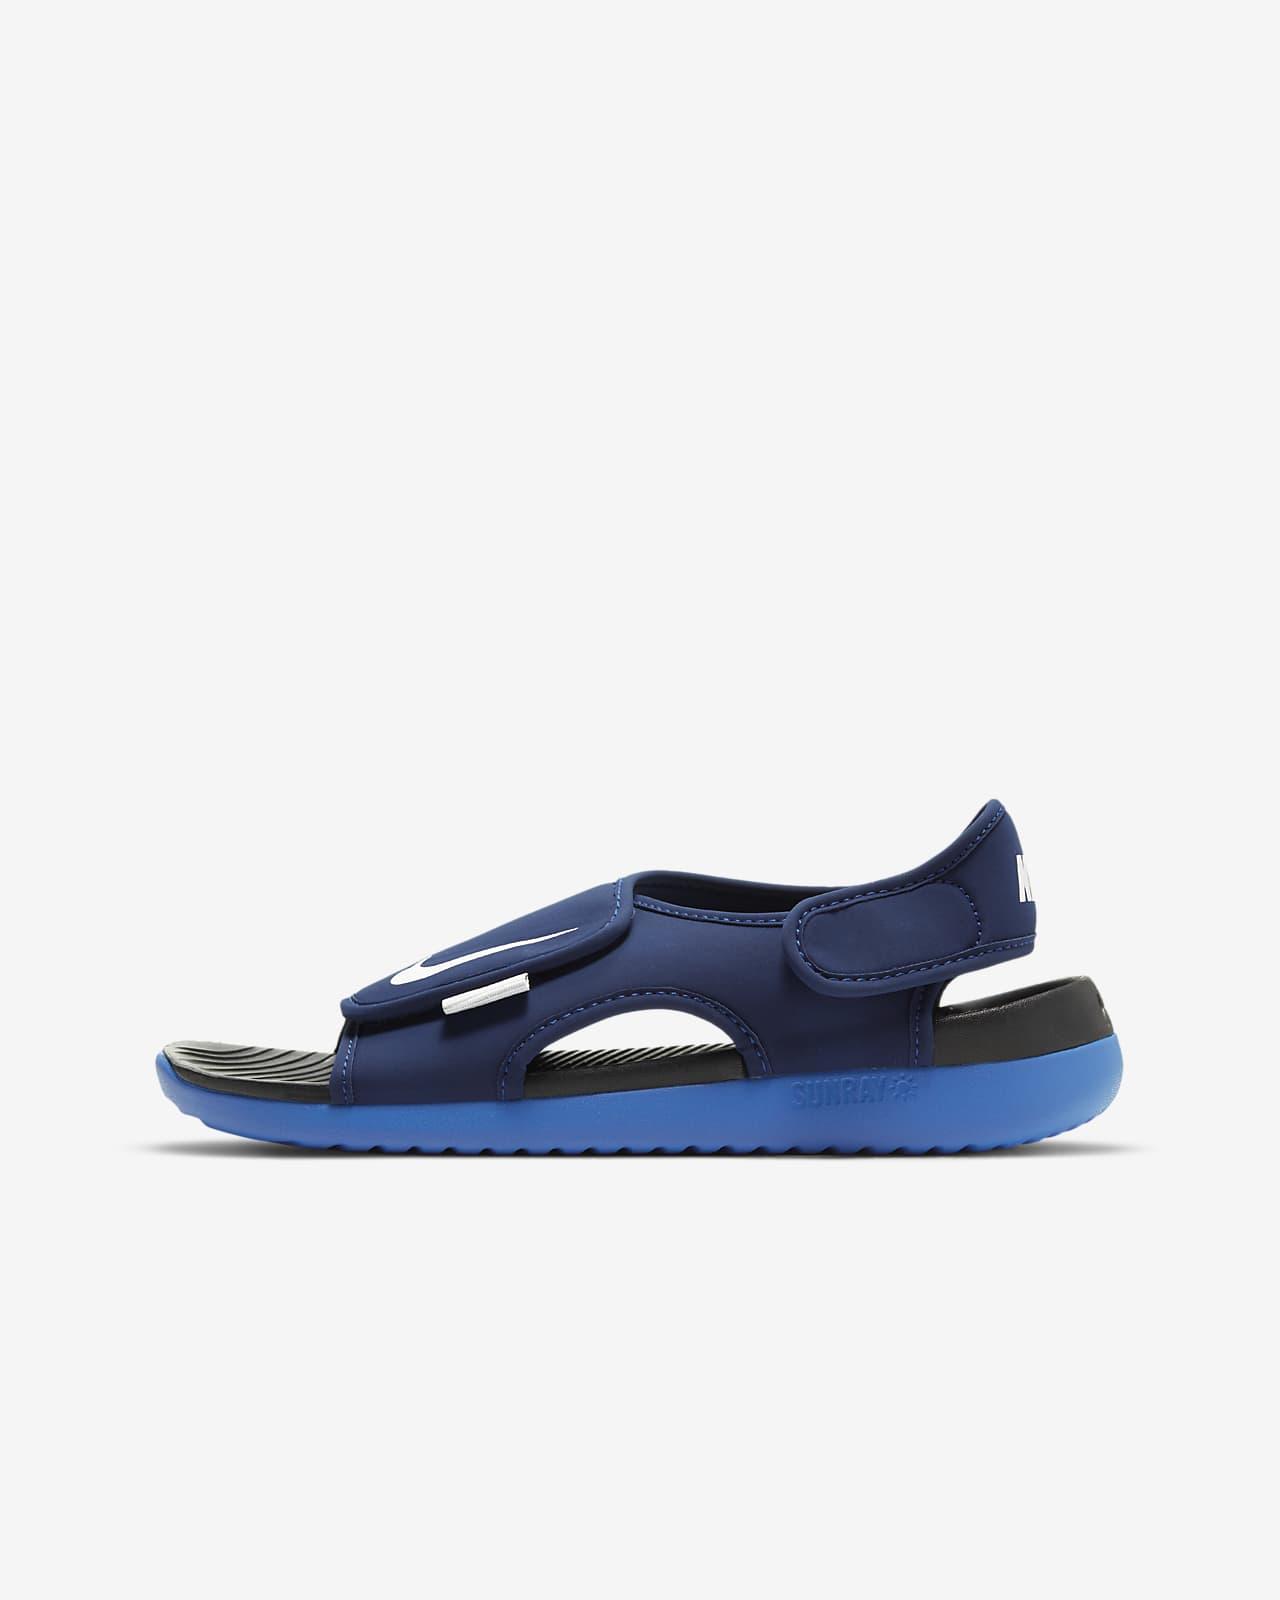 Nike Sunray Adjust 5 V2 Younger and Older Kids' Sandal